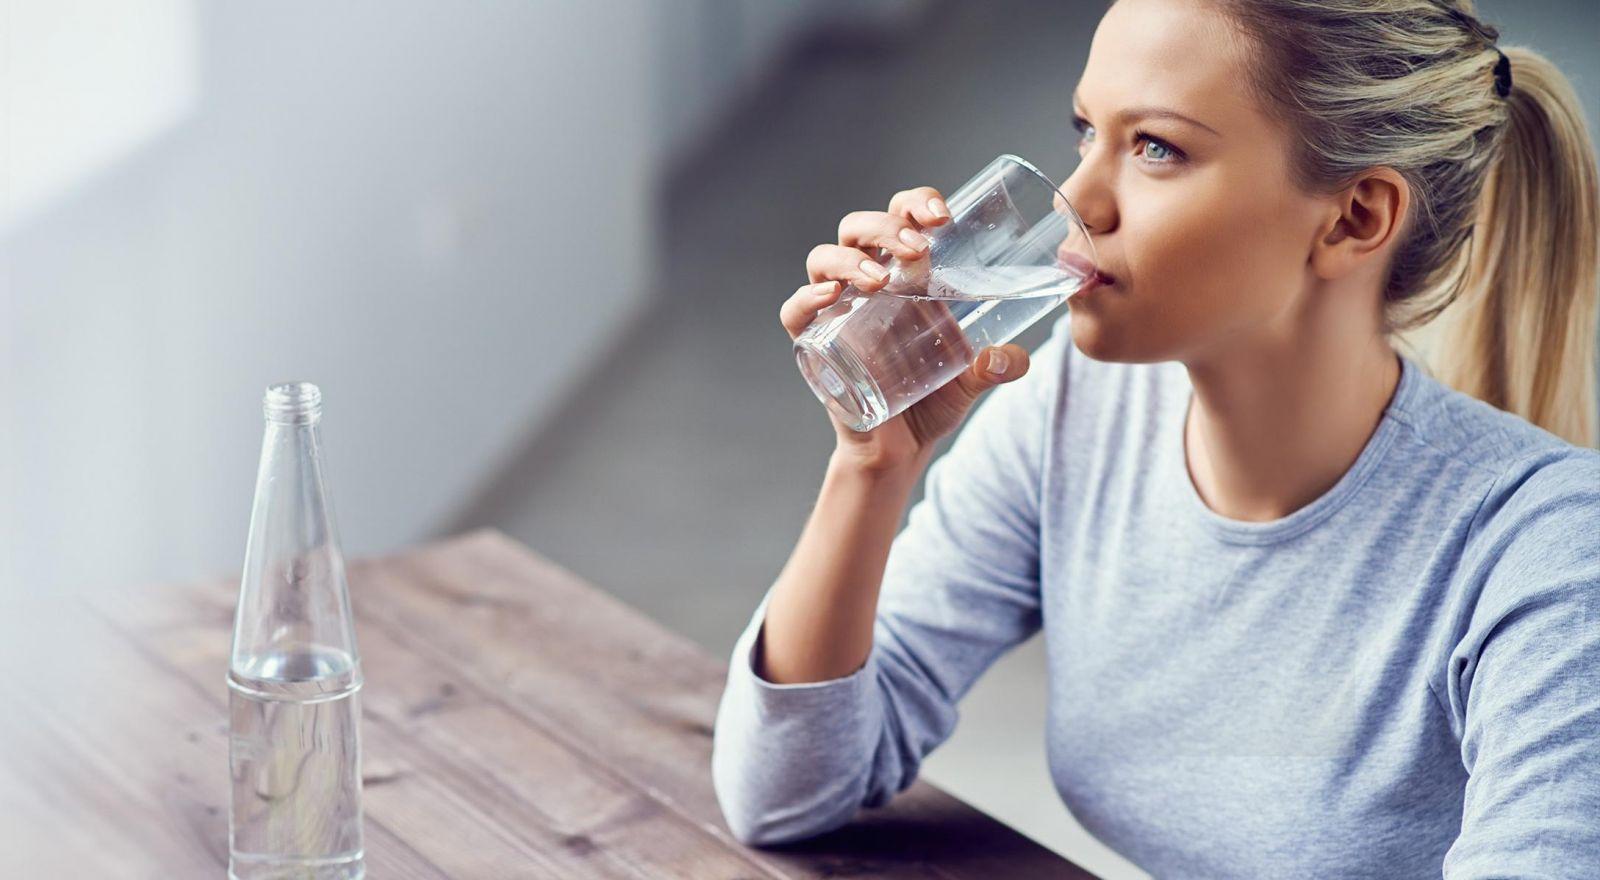 Uống nhiều nước giúp tăng cường trao đổi chất, thải độc qua gan